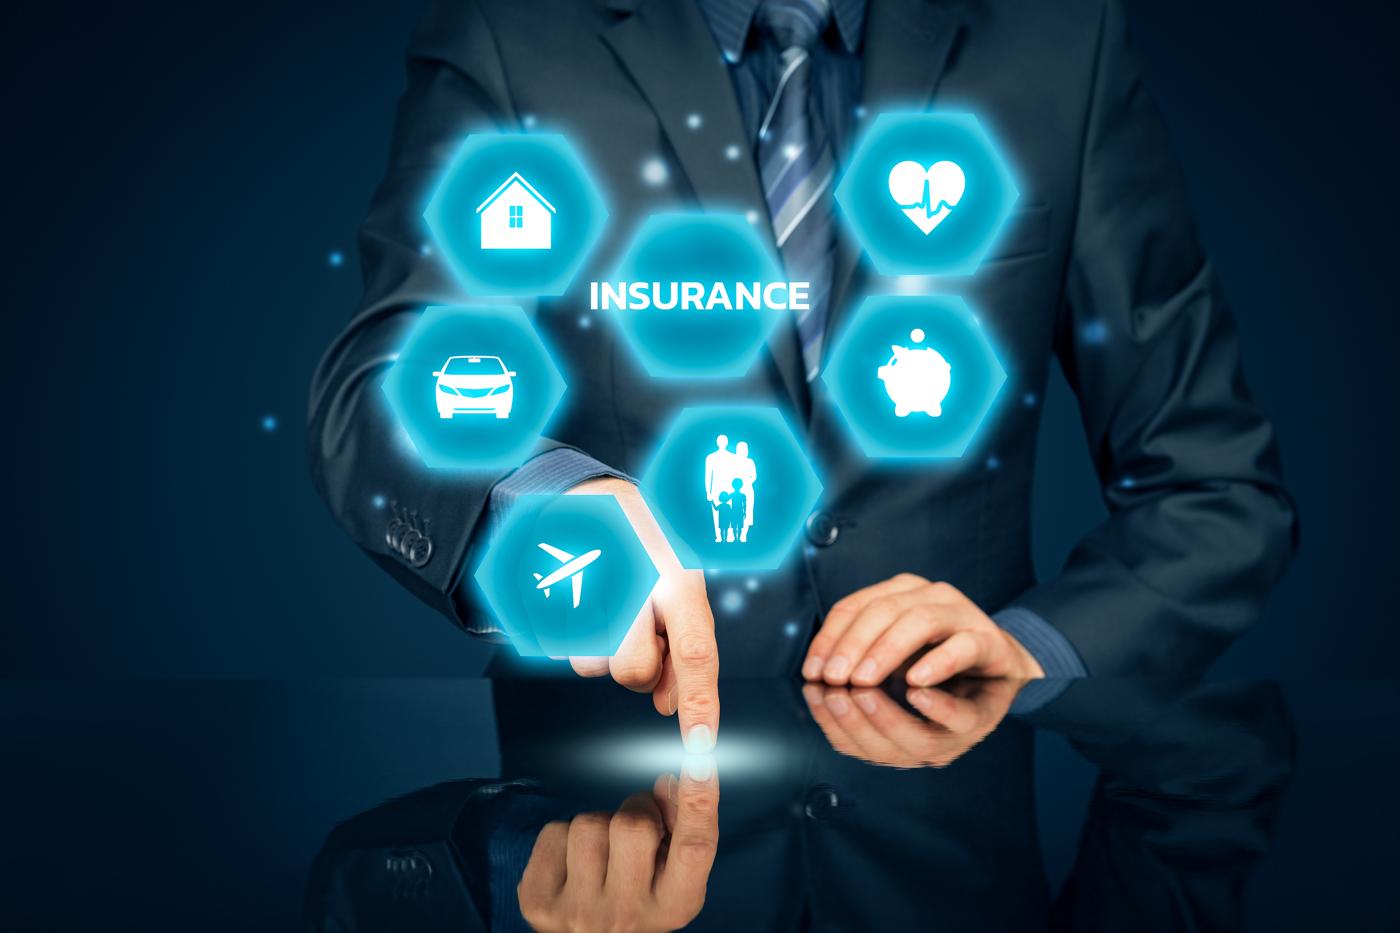 Insurance stocks, best insurance stocks to buy, insurance stock news